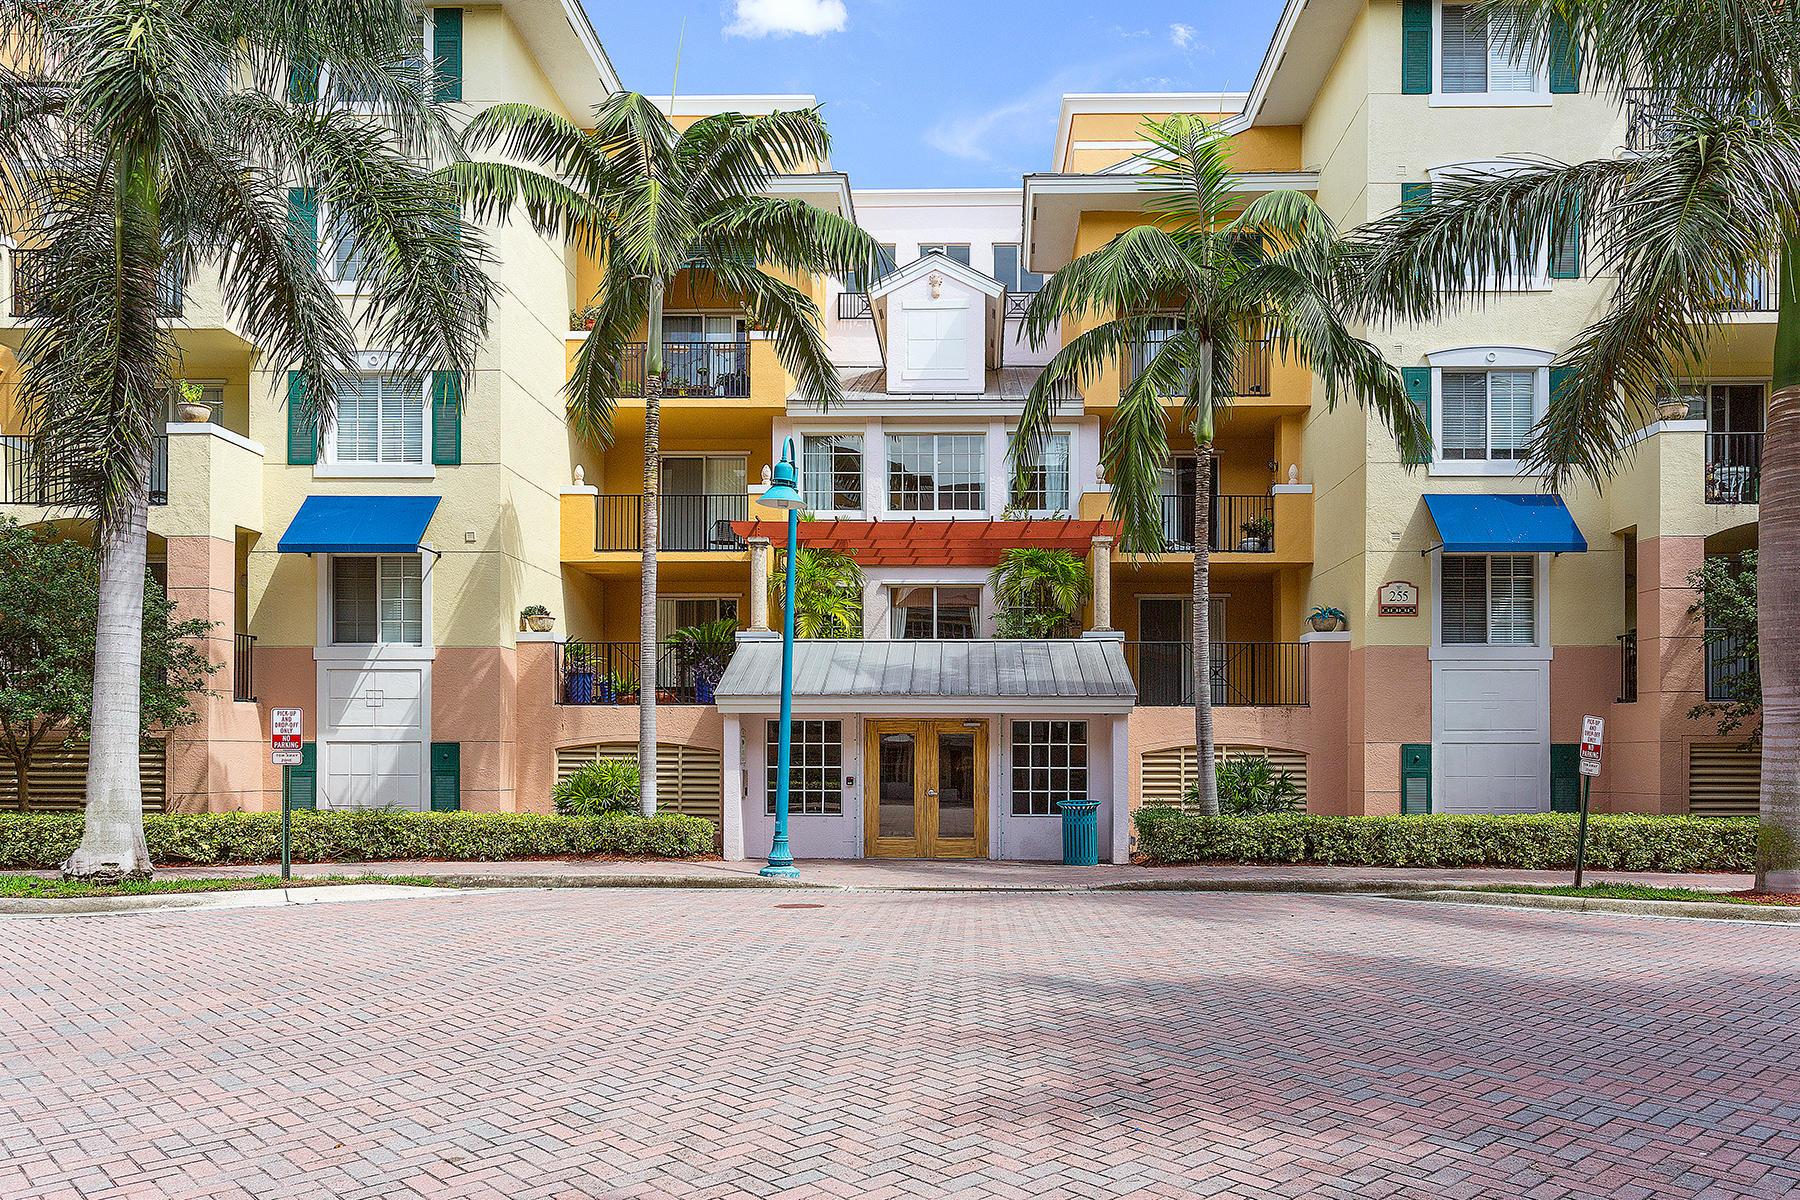 255 NE 3rd Avenue 2508  Delray Beach, FL 33444